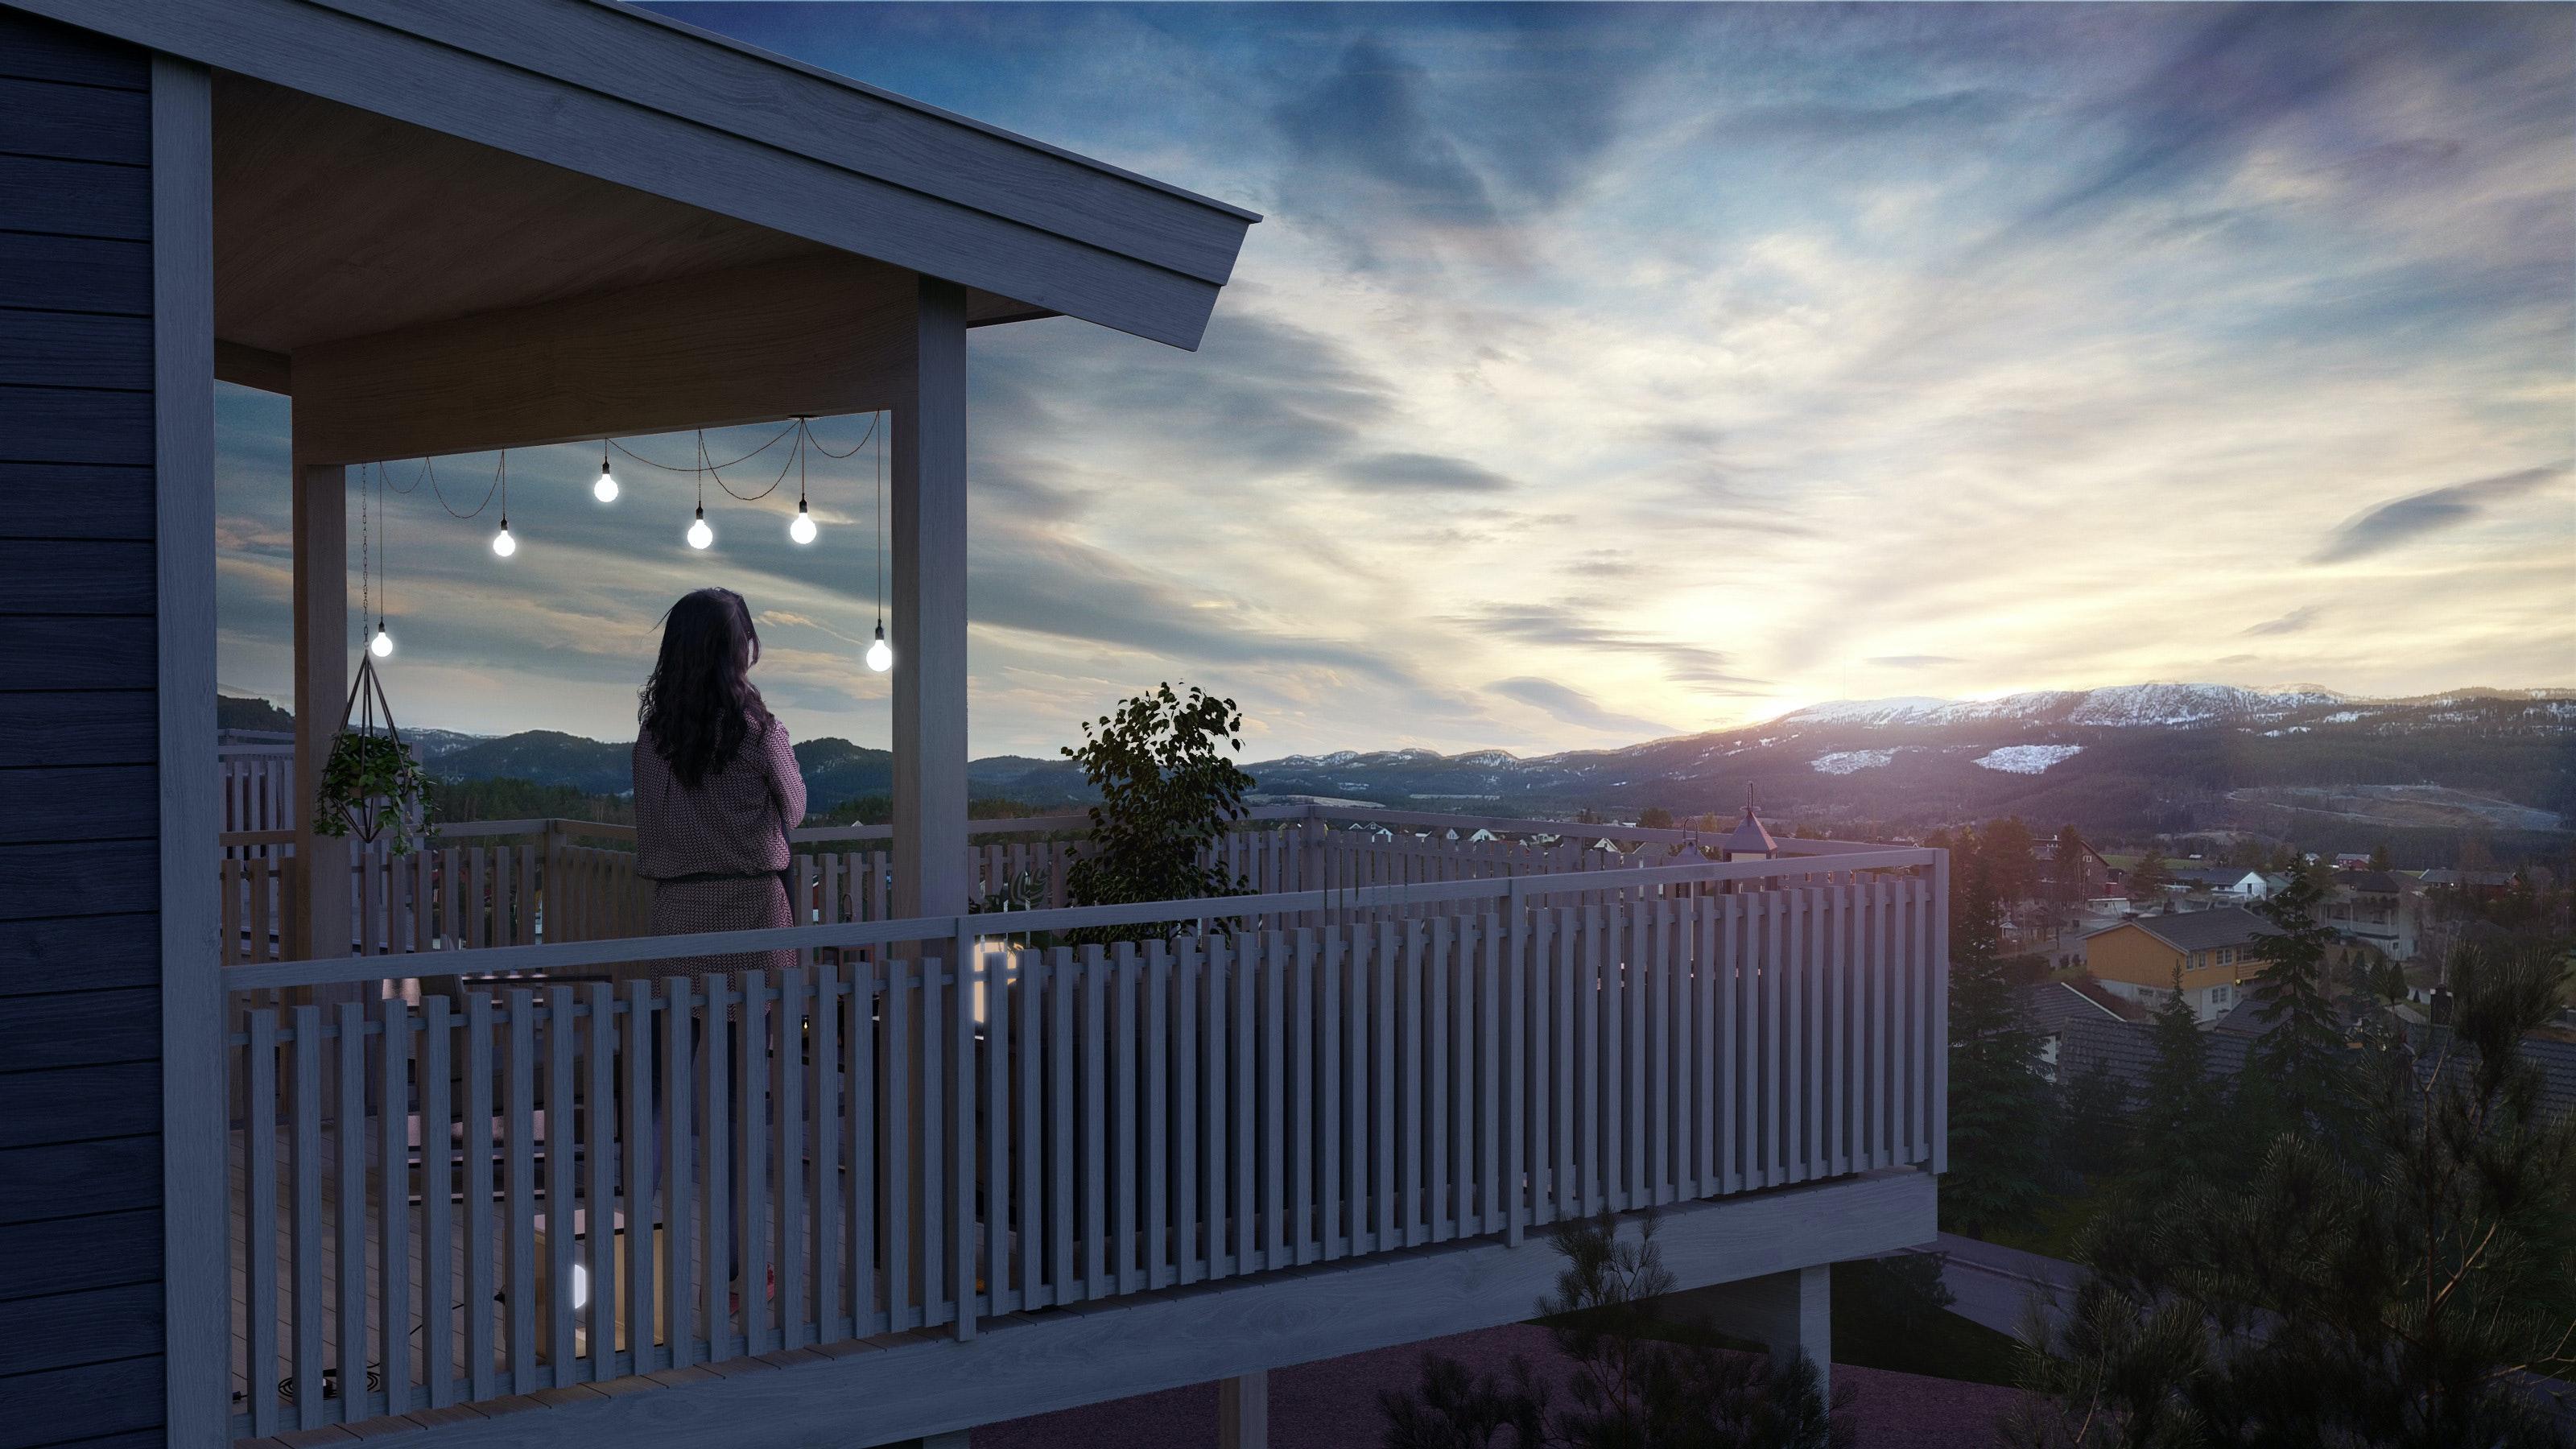 Lauvåsen - 1 solgt - Boliger med 3-4 soverom, nydelig utsikt, stor vestvendt terrasse - Infrastruktur oppstartet